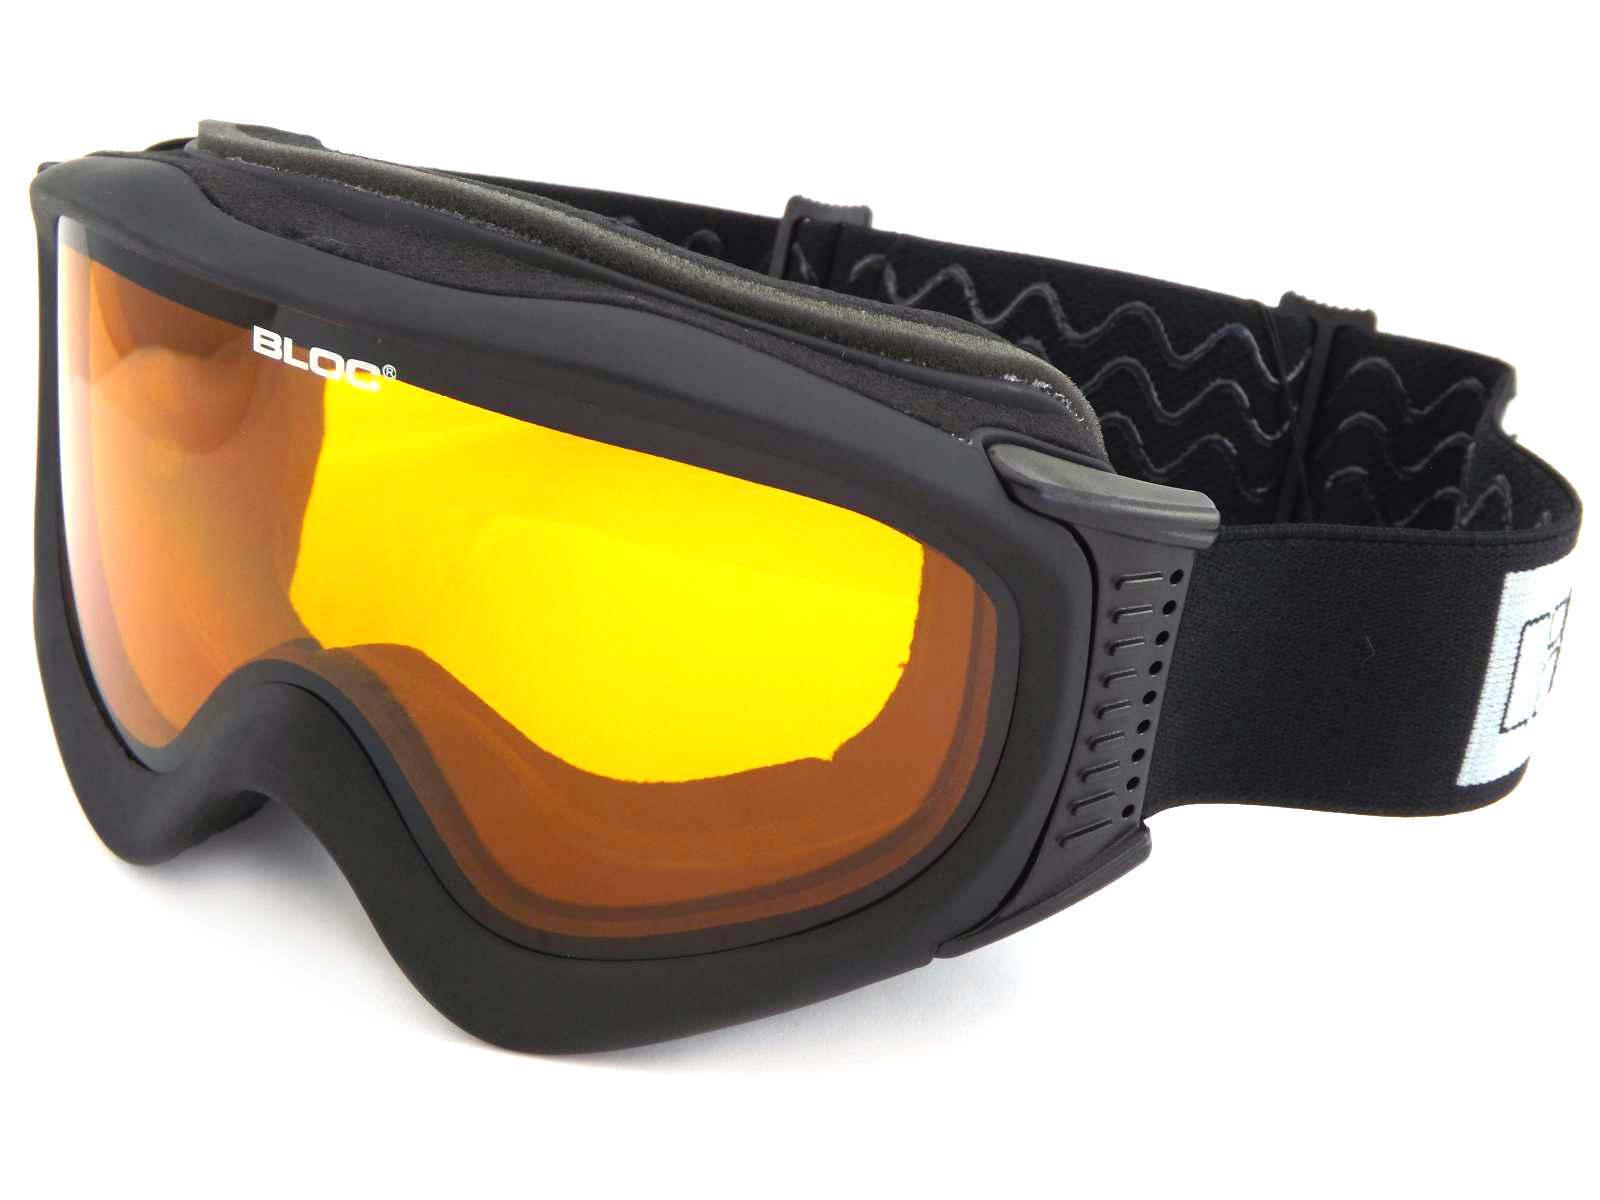 BLOC-ICE Occhiali Da Snowboard Sci Snowboard Da Opaco Nero con lente arancione cat.2 ice01 fa0b33